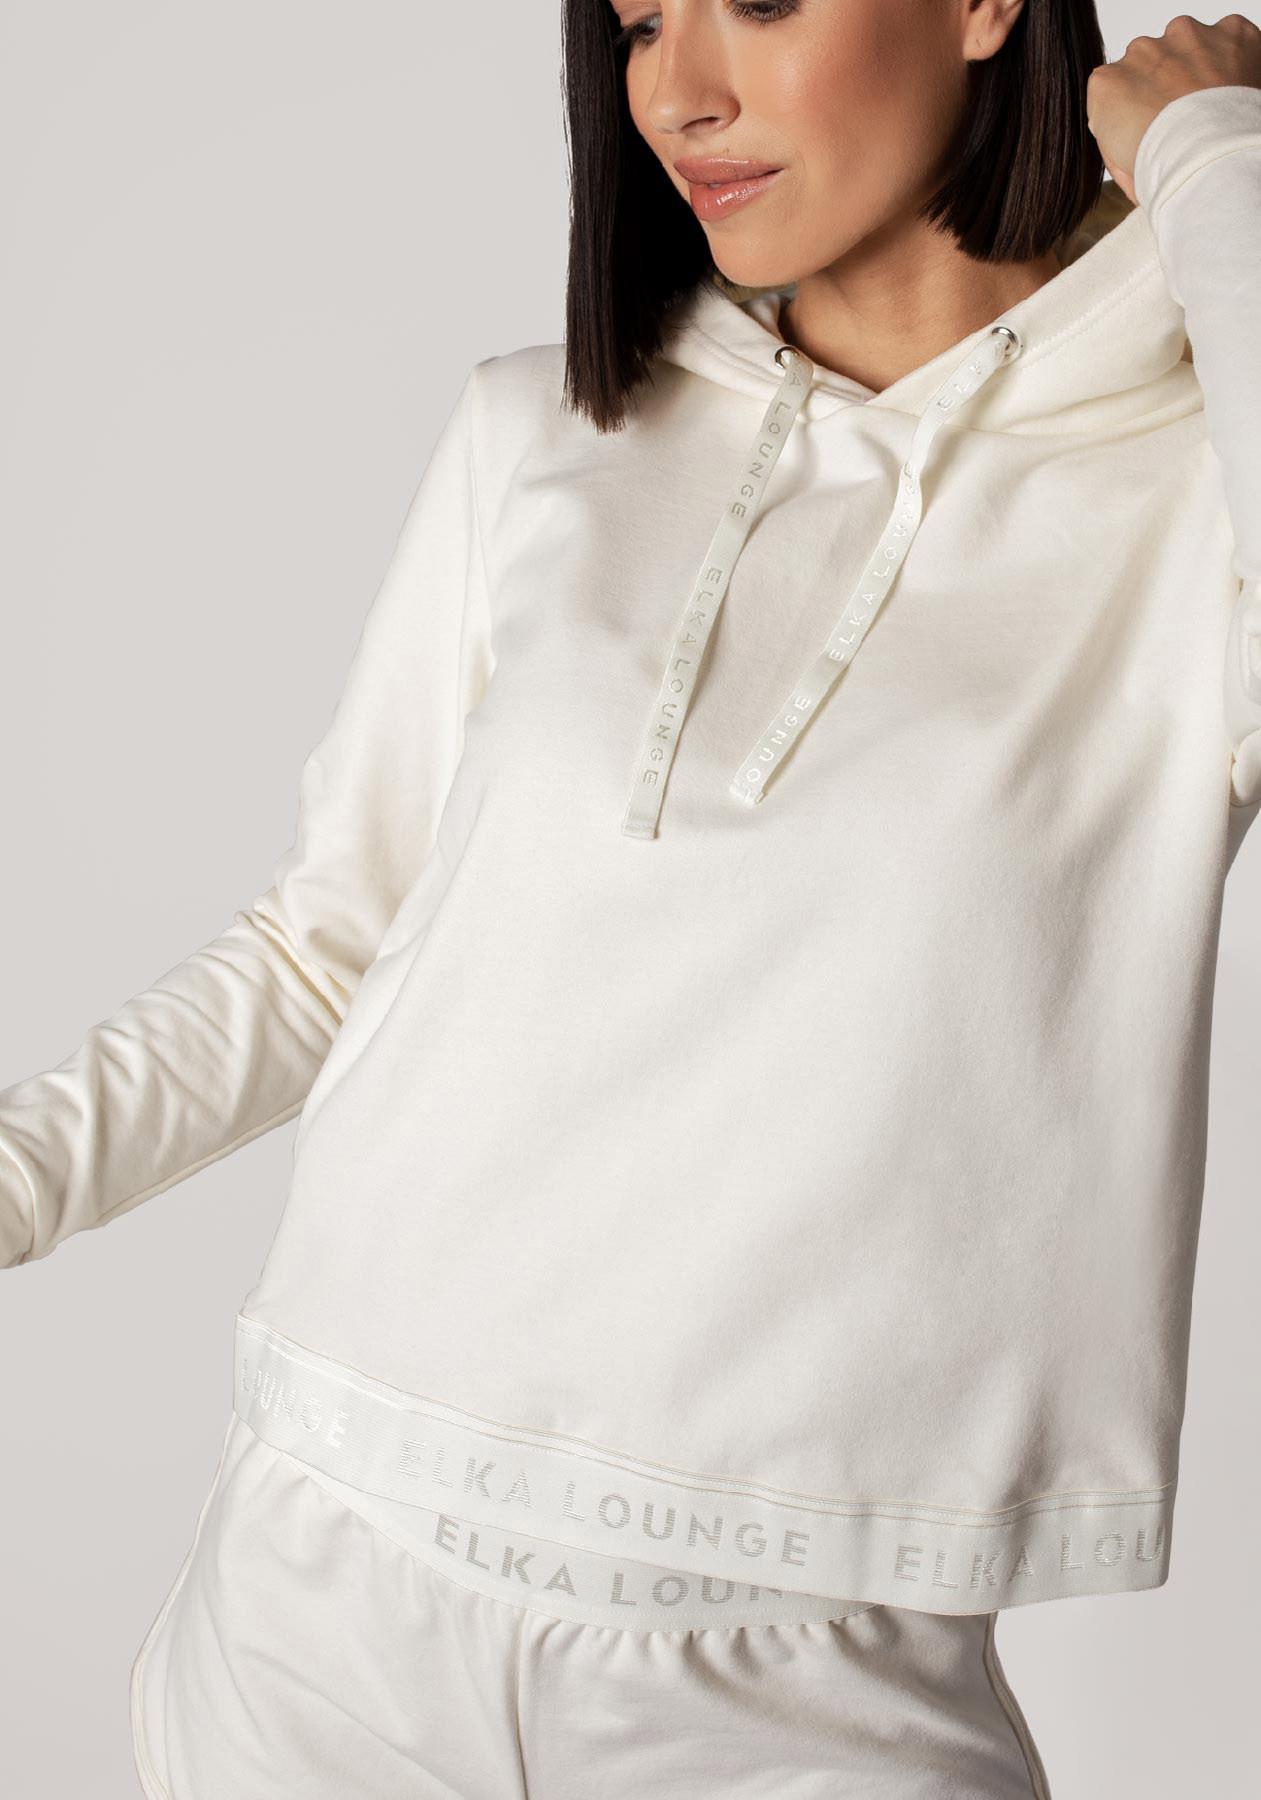 Women-Sweatshirt-ELKA-Lounge-W00555-1